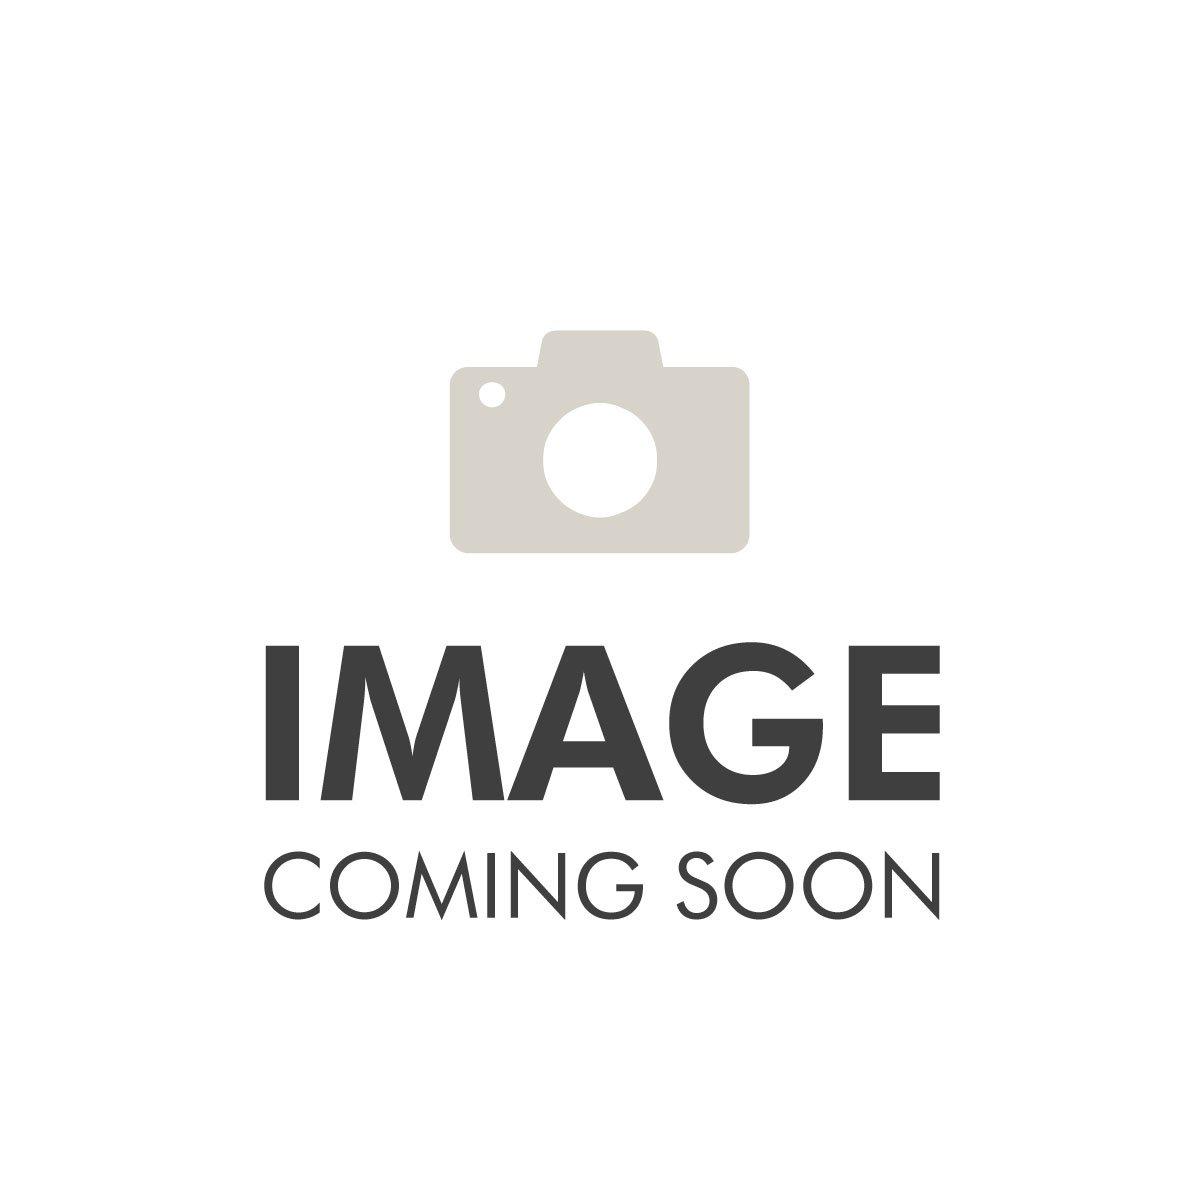 Thierry Mugler Mugler Alien Essence Absolue EDP 100ml Refill